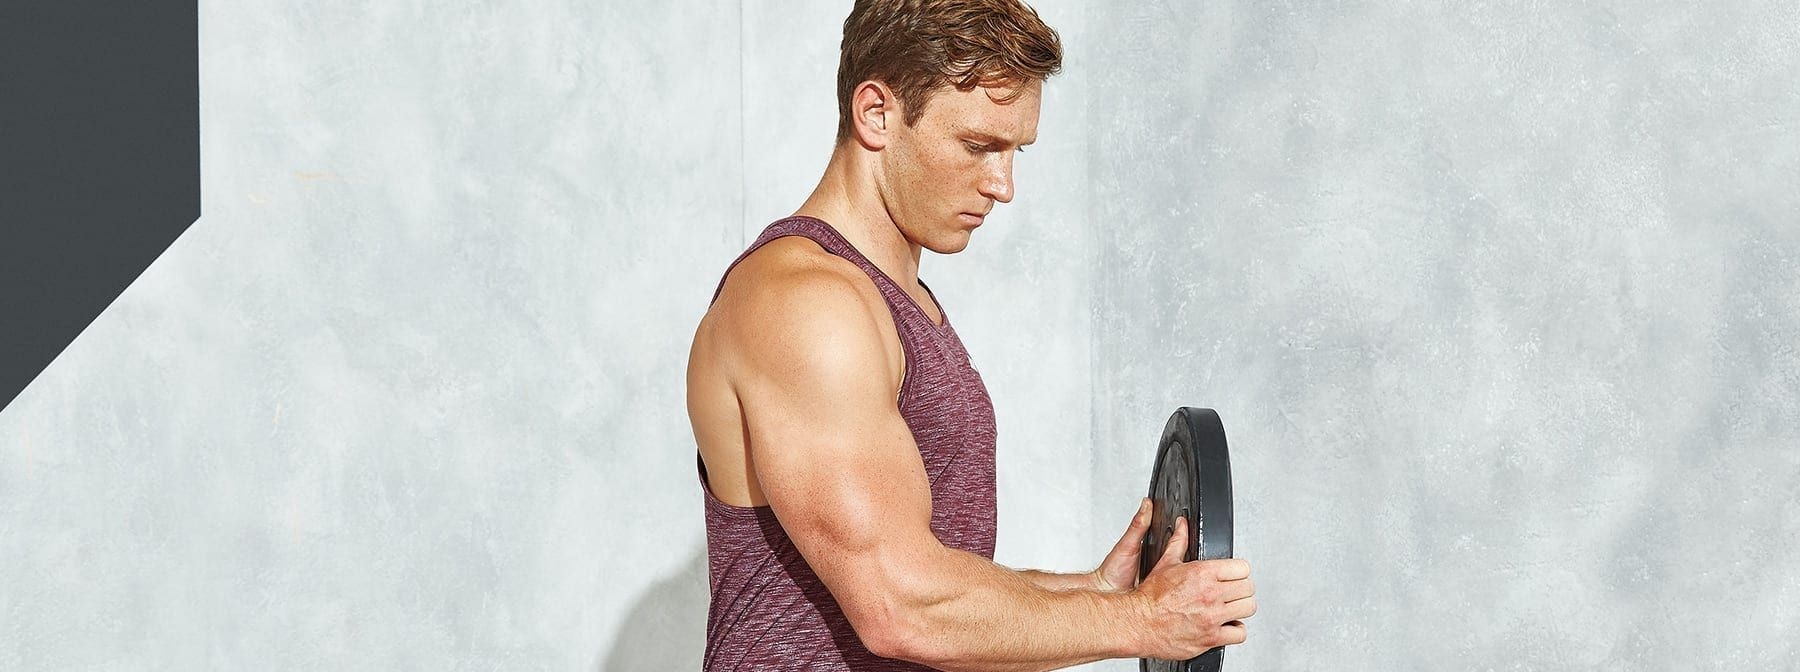 Die 6 besten Supplemente für Muskelaufbau